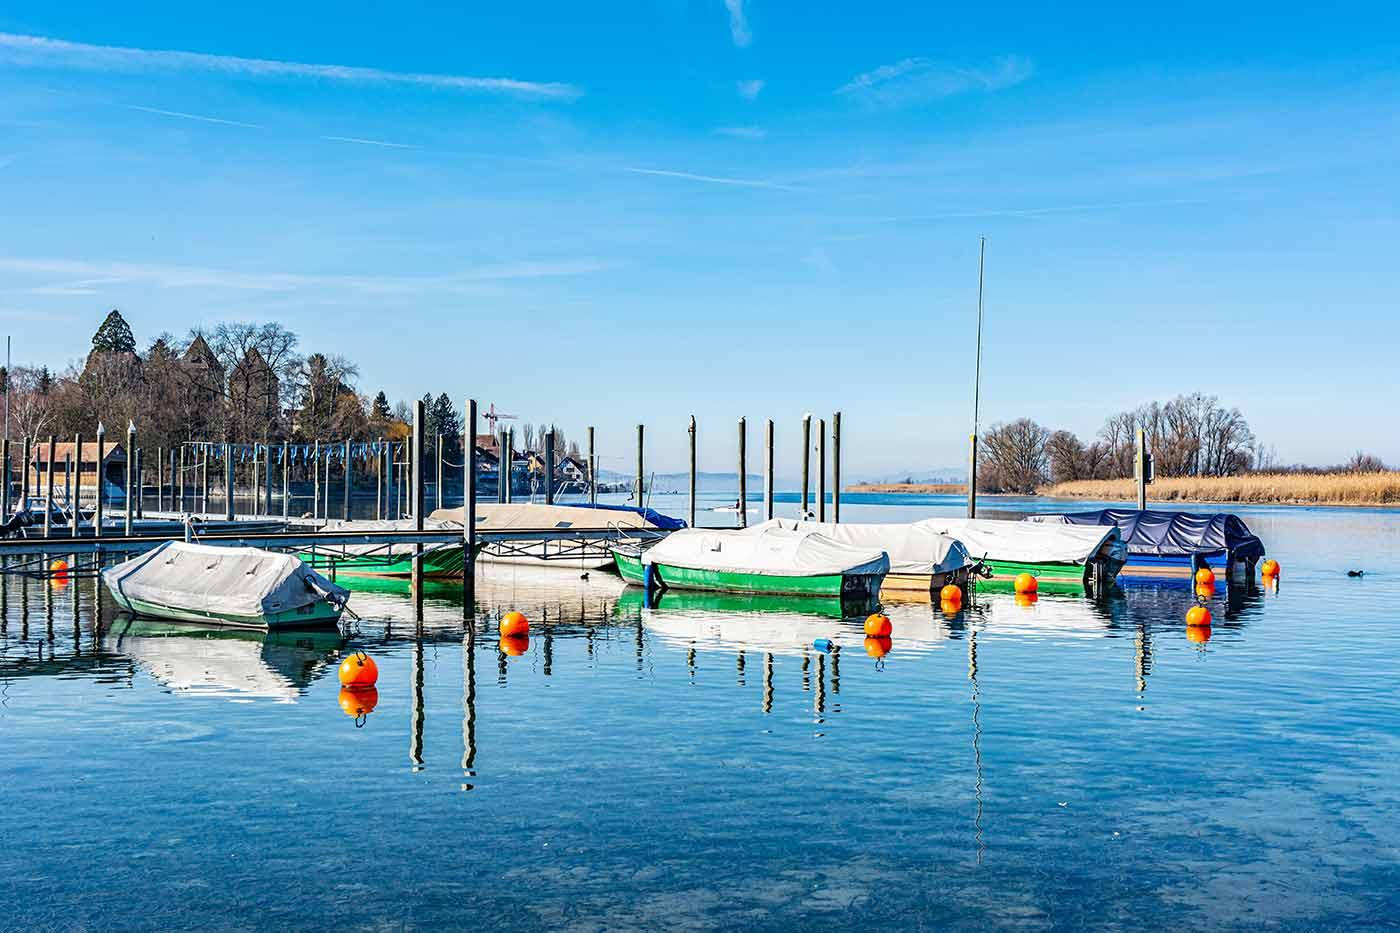 Boote im Schweizer Kanton Thurgau am Seerhein - auf der anderen Seite ist bereits das Deutsche Ufer